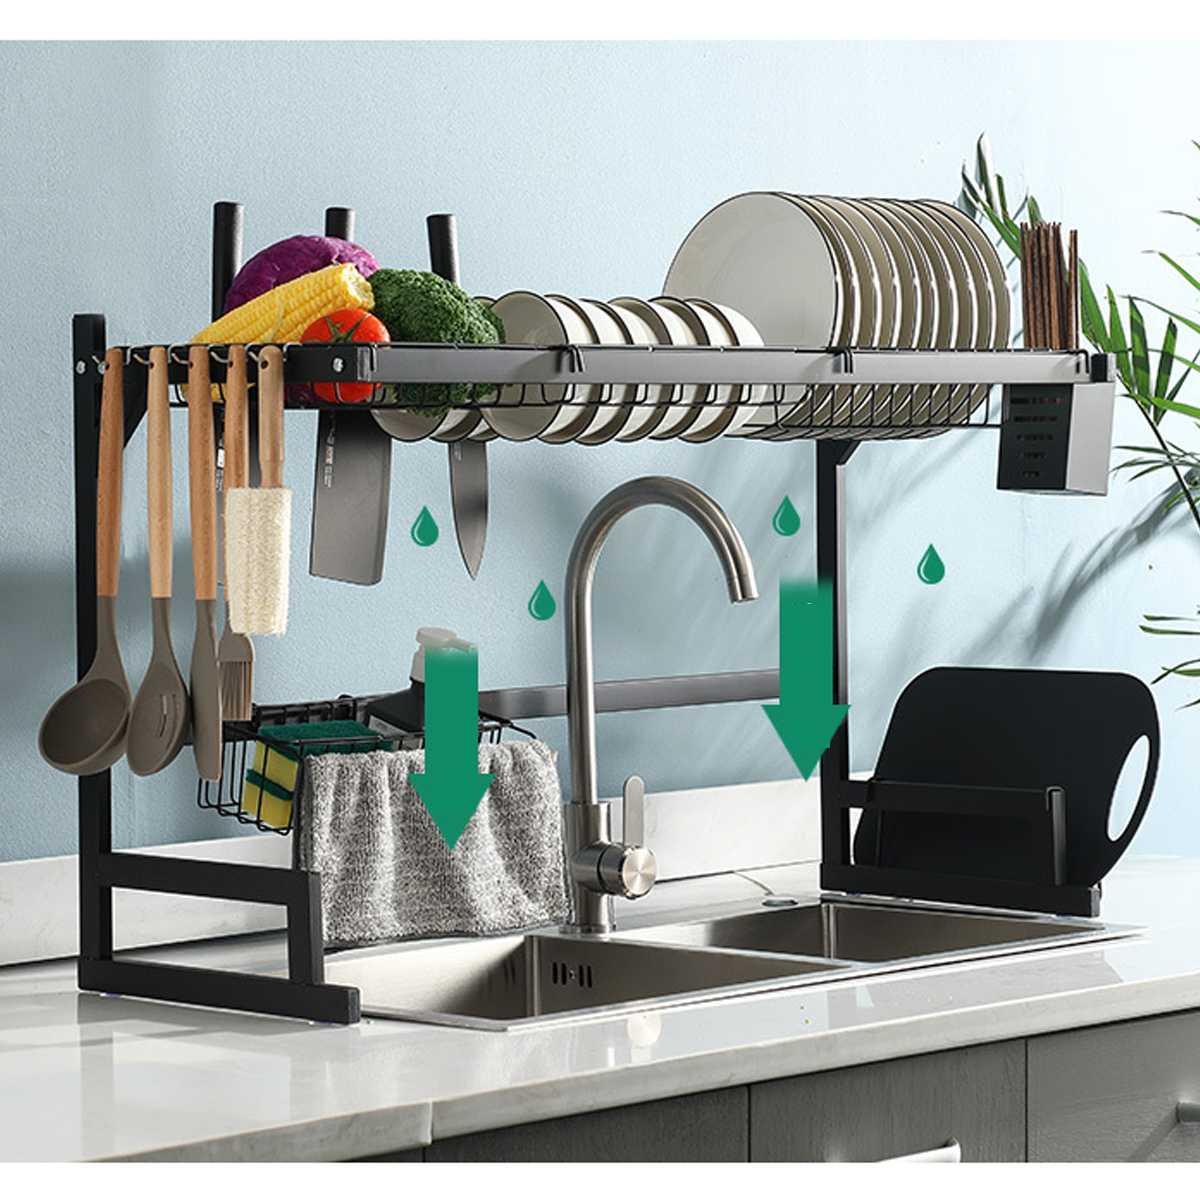 85cm Edelstahl Küche Regal Organizer Gerichte Trocknen Rack Über Waschbecken Abfluss Rack Küche Lagerung Arbeitsplatte Utensilien Halter